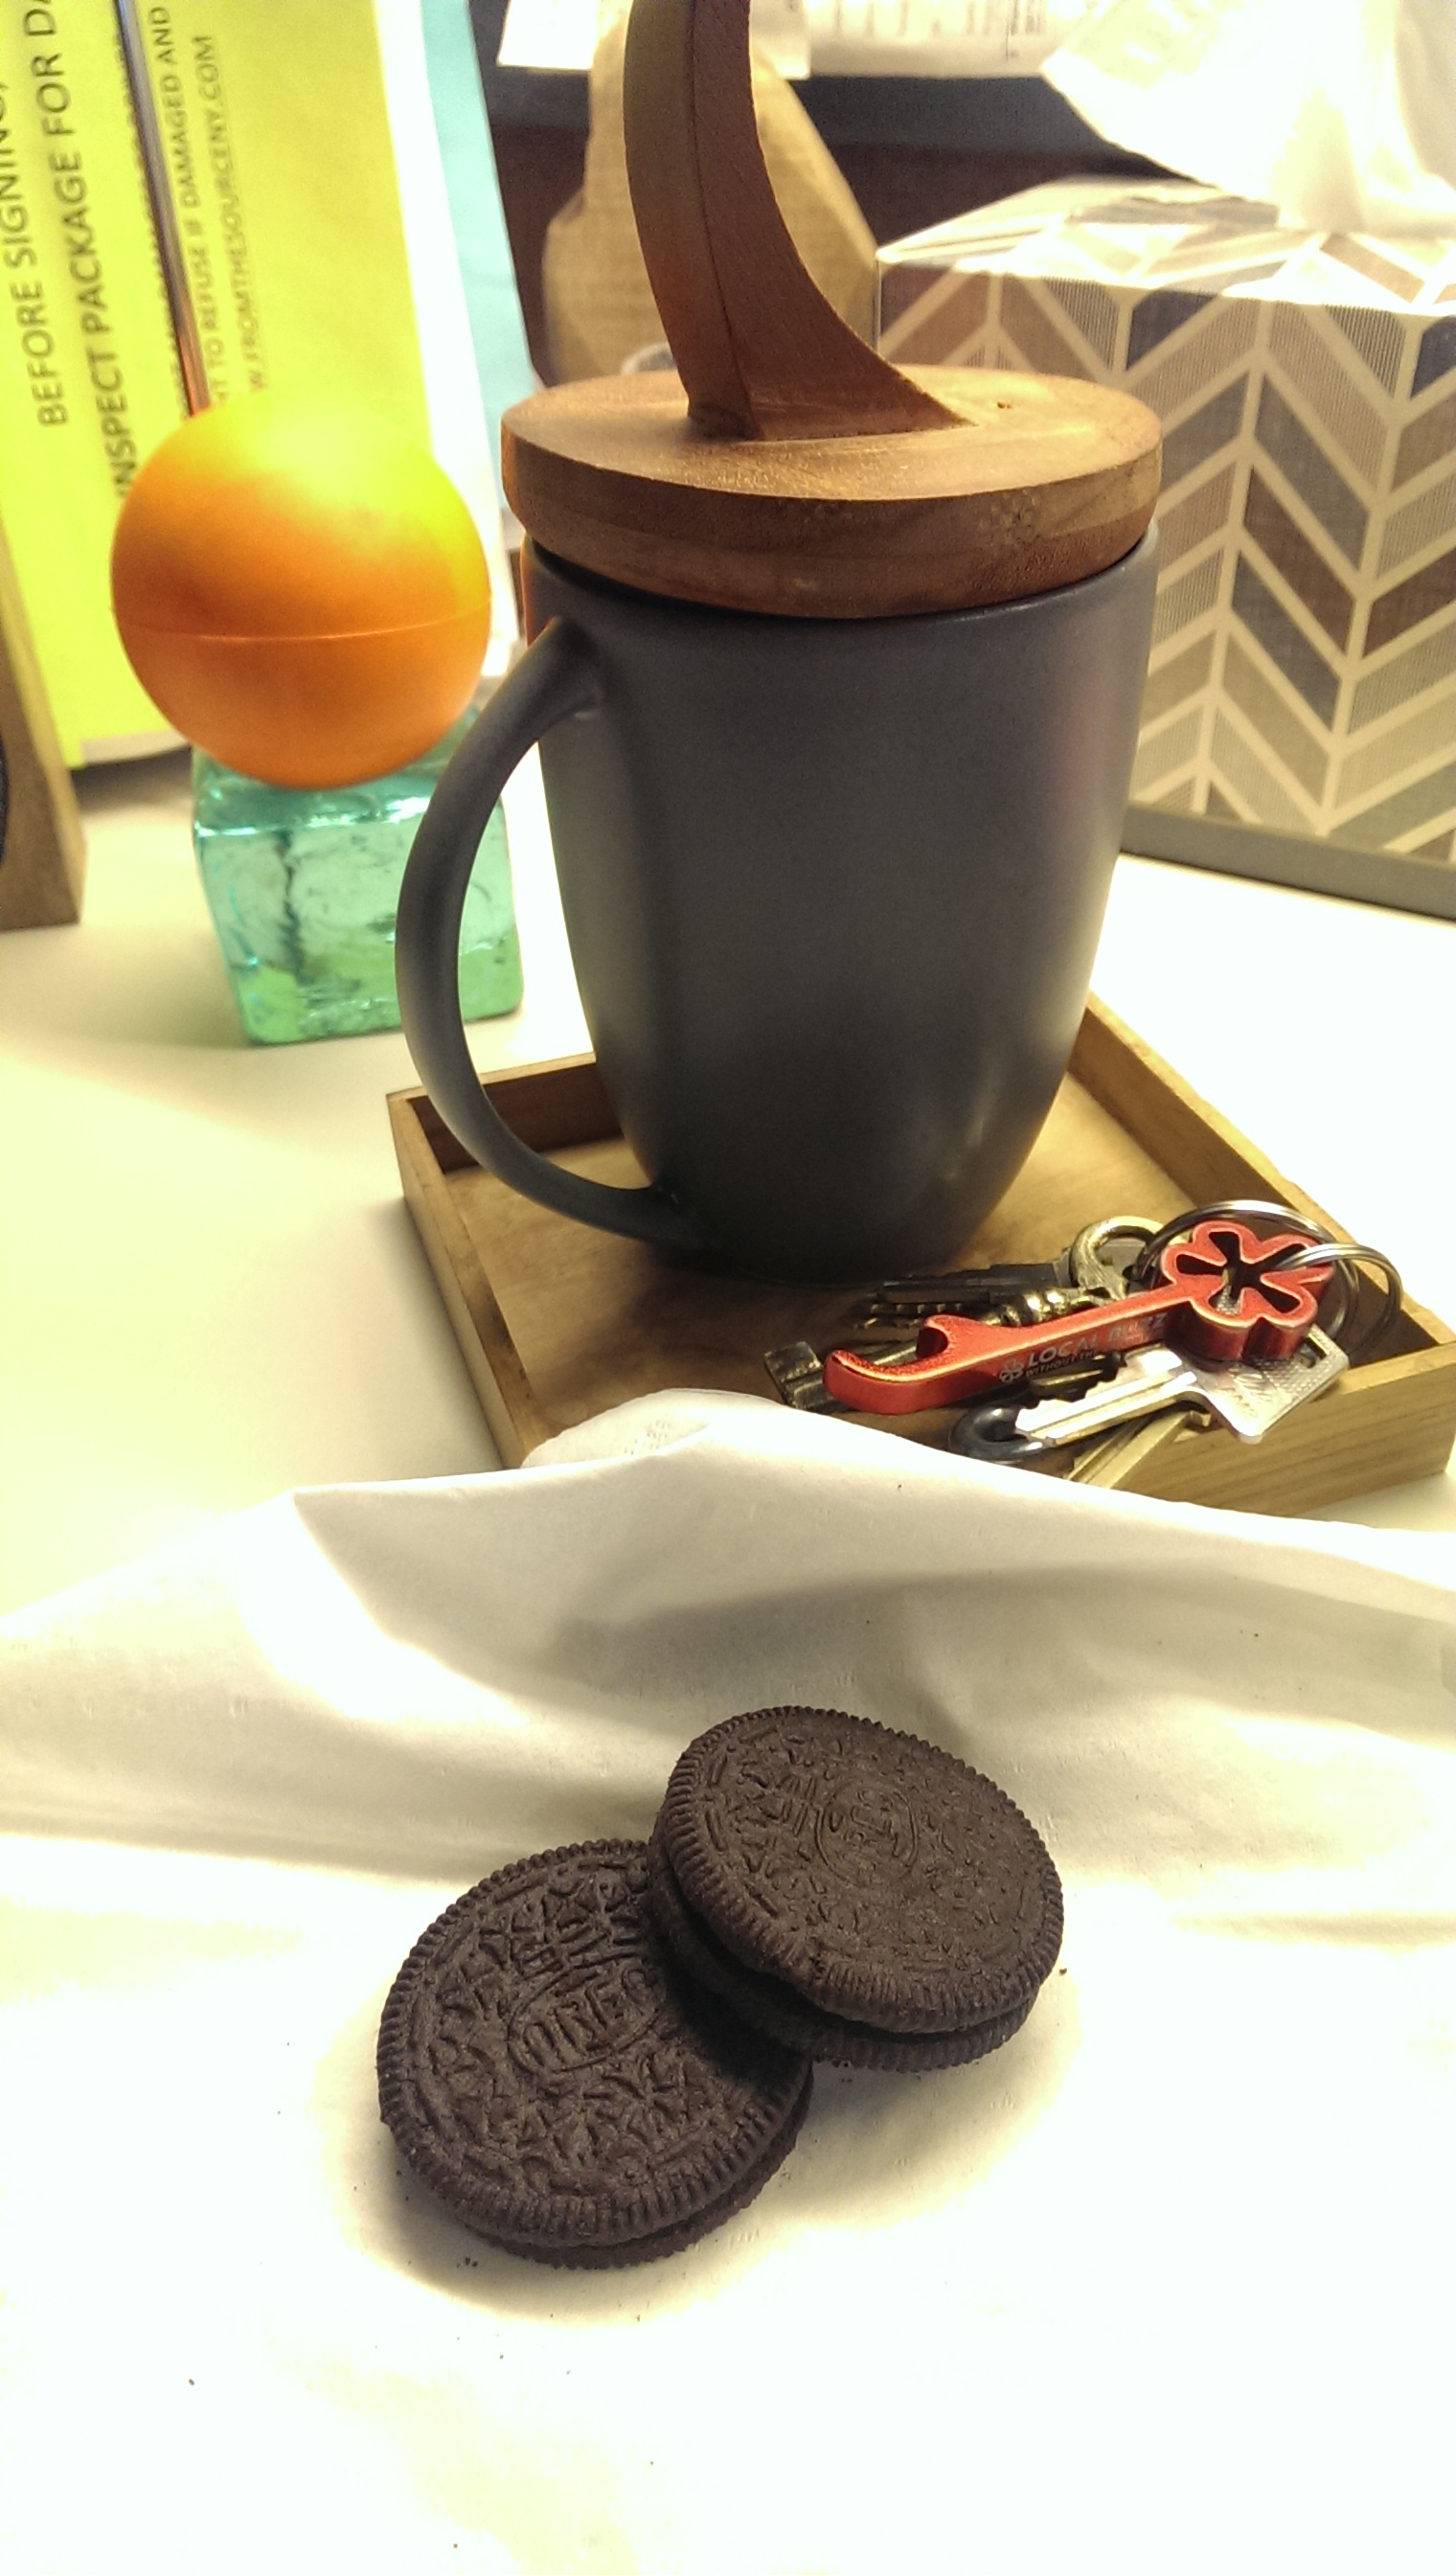 Oreo cookie break